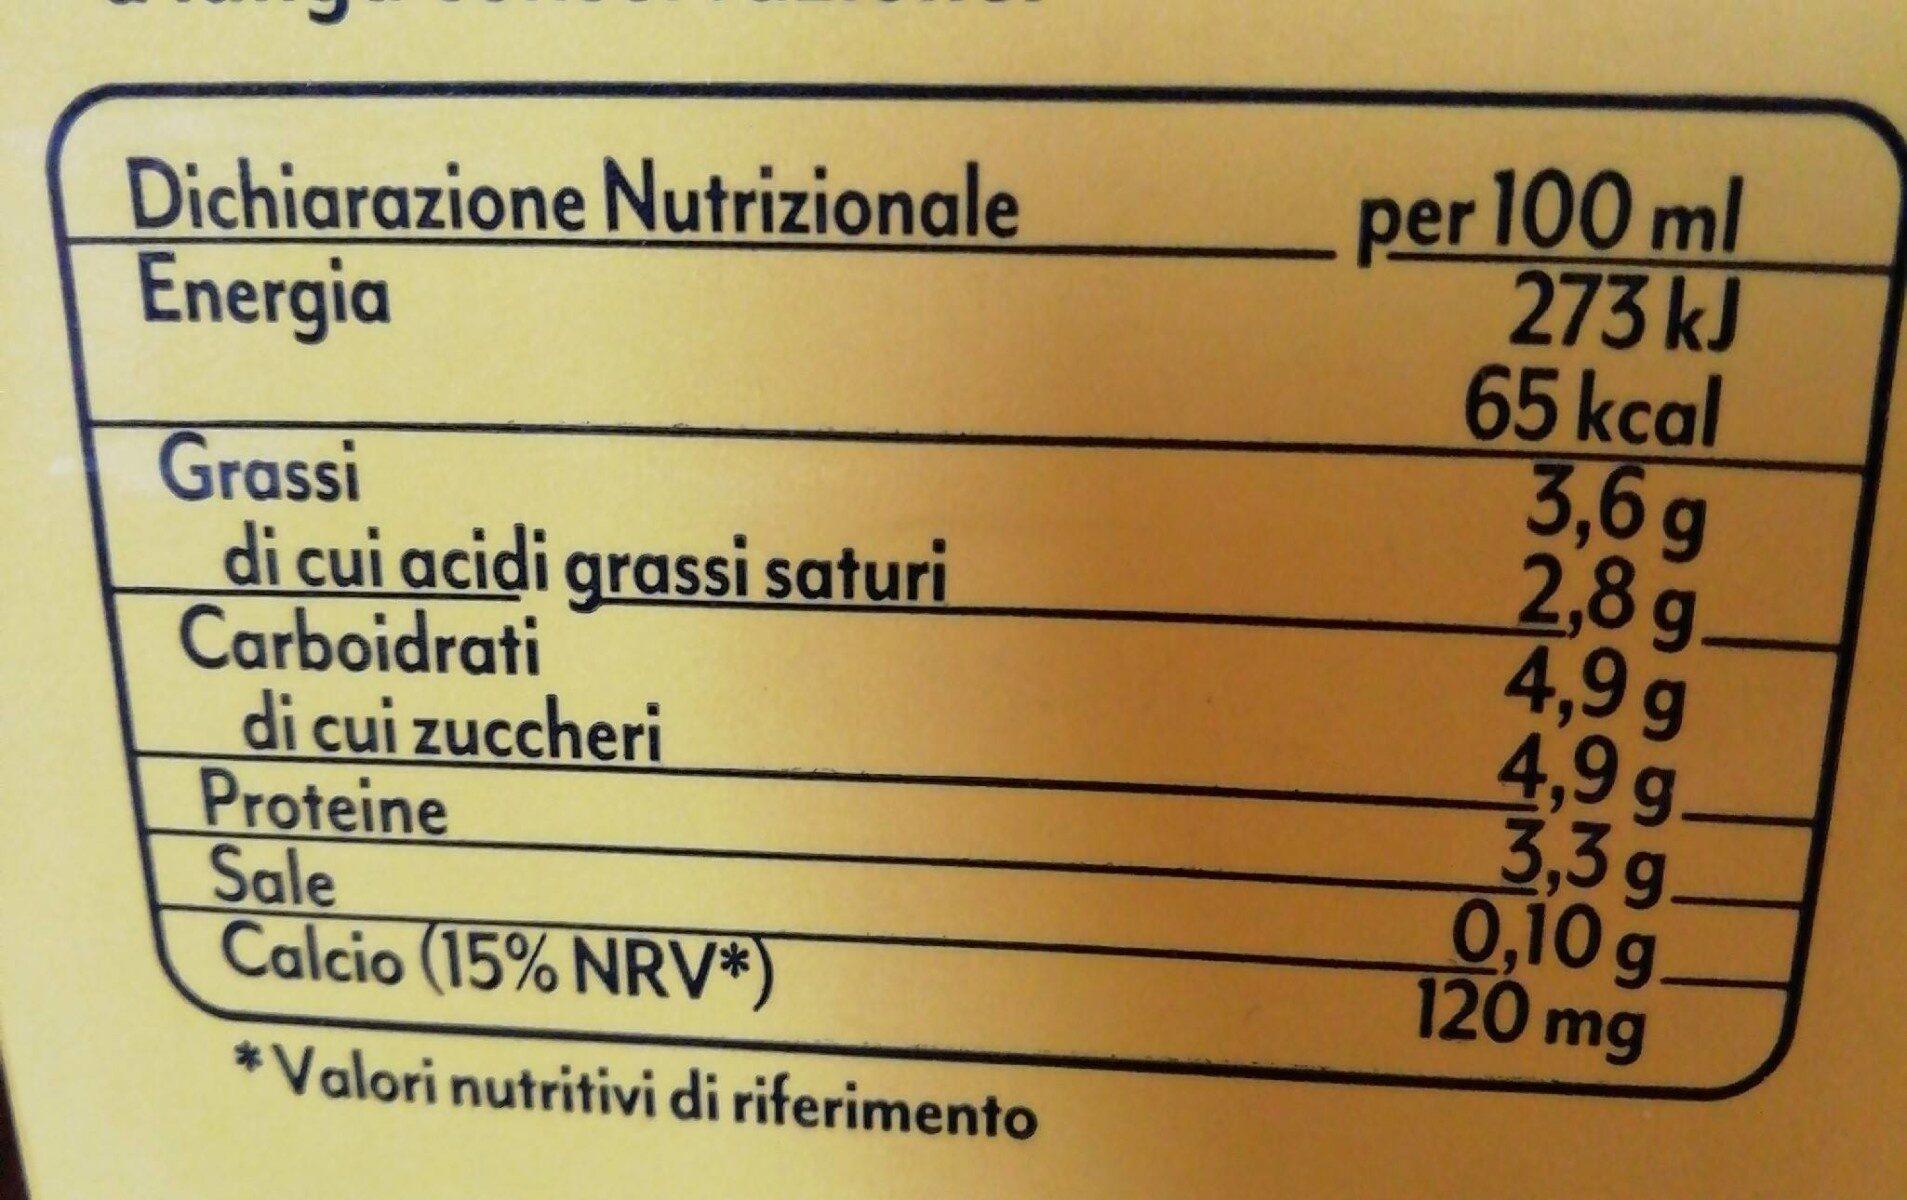 Latte intero uht arborea - Informations nutritionnelles - fr